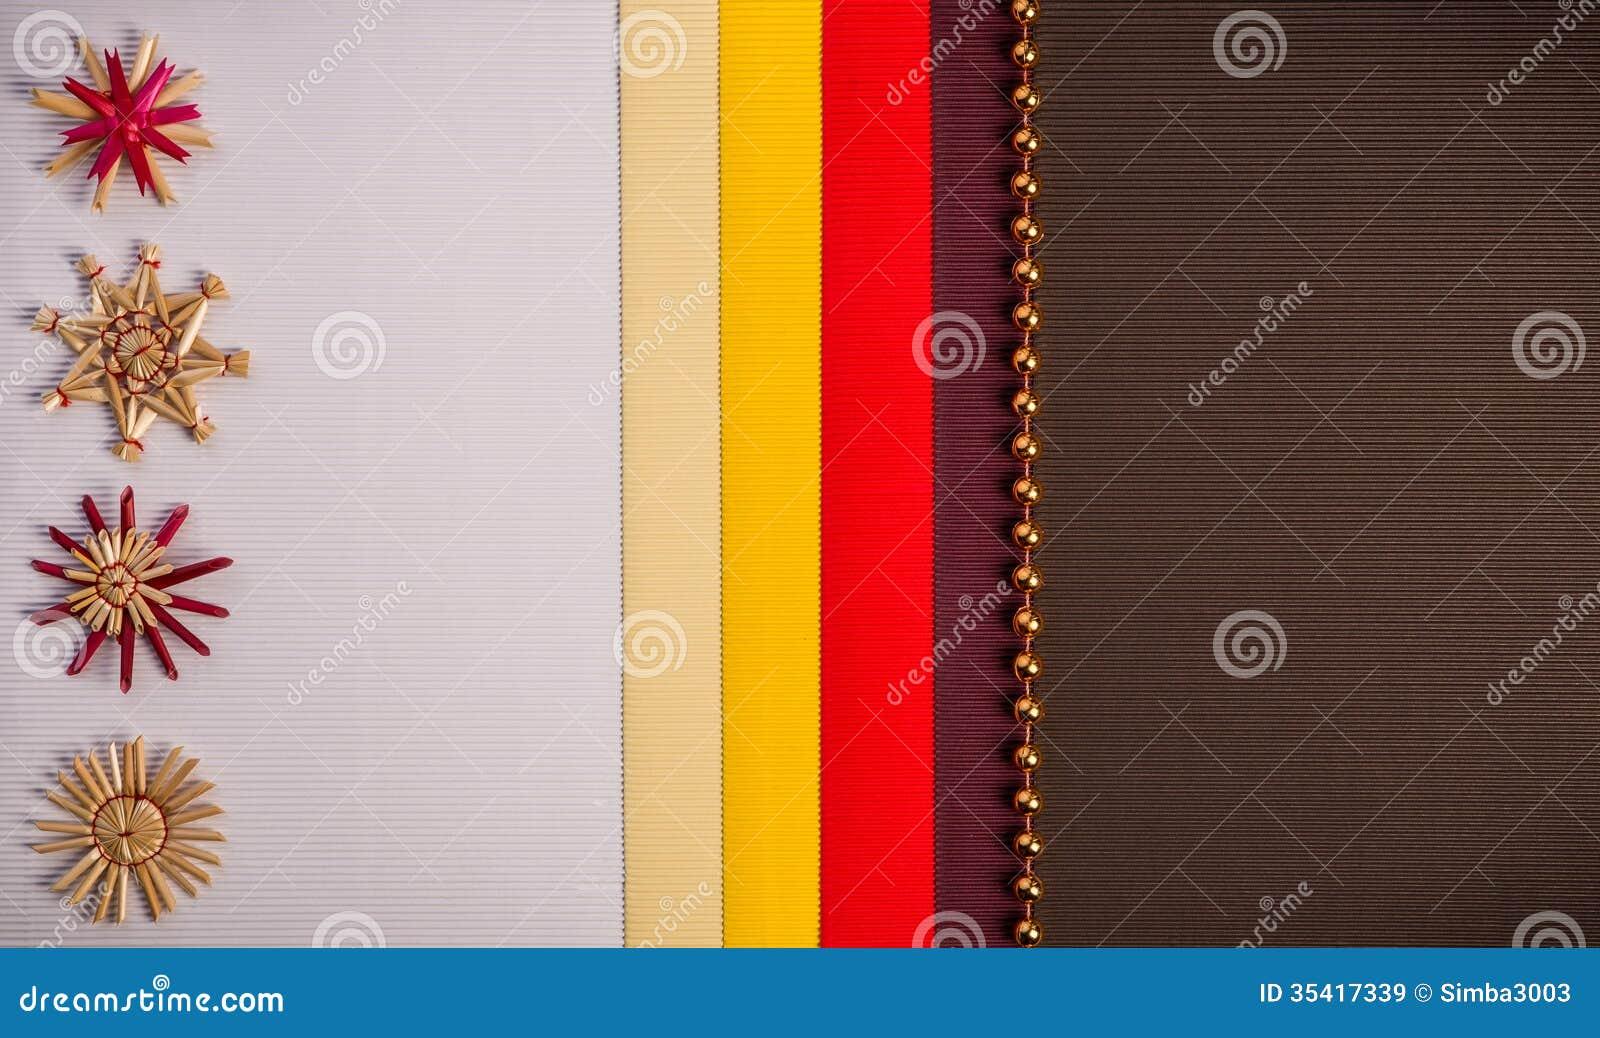 Le fond pour la couleur de d coration de paille de vacances de carte de voeux de no l rouge et - Couleur jaune paille ...